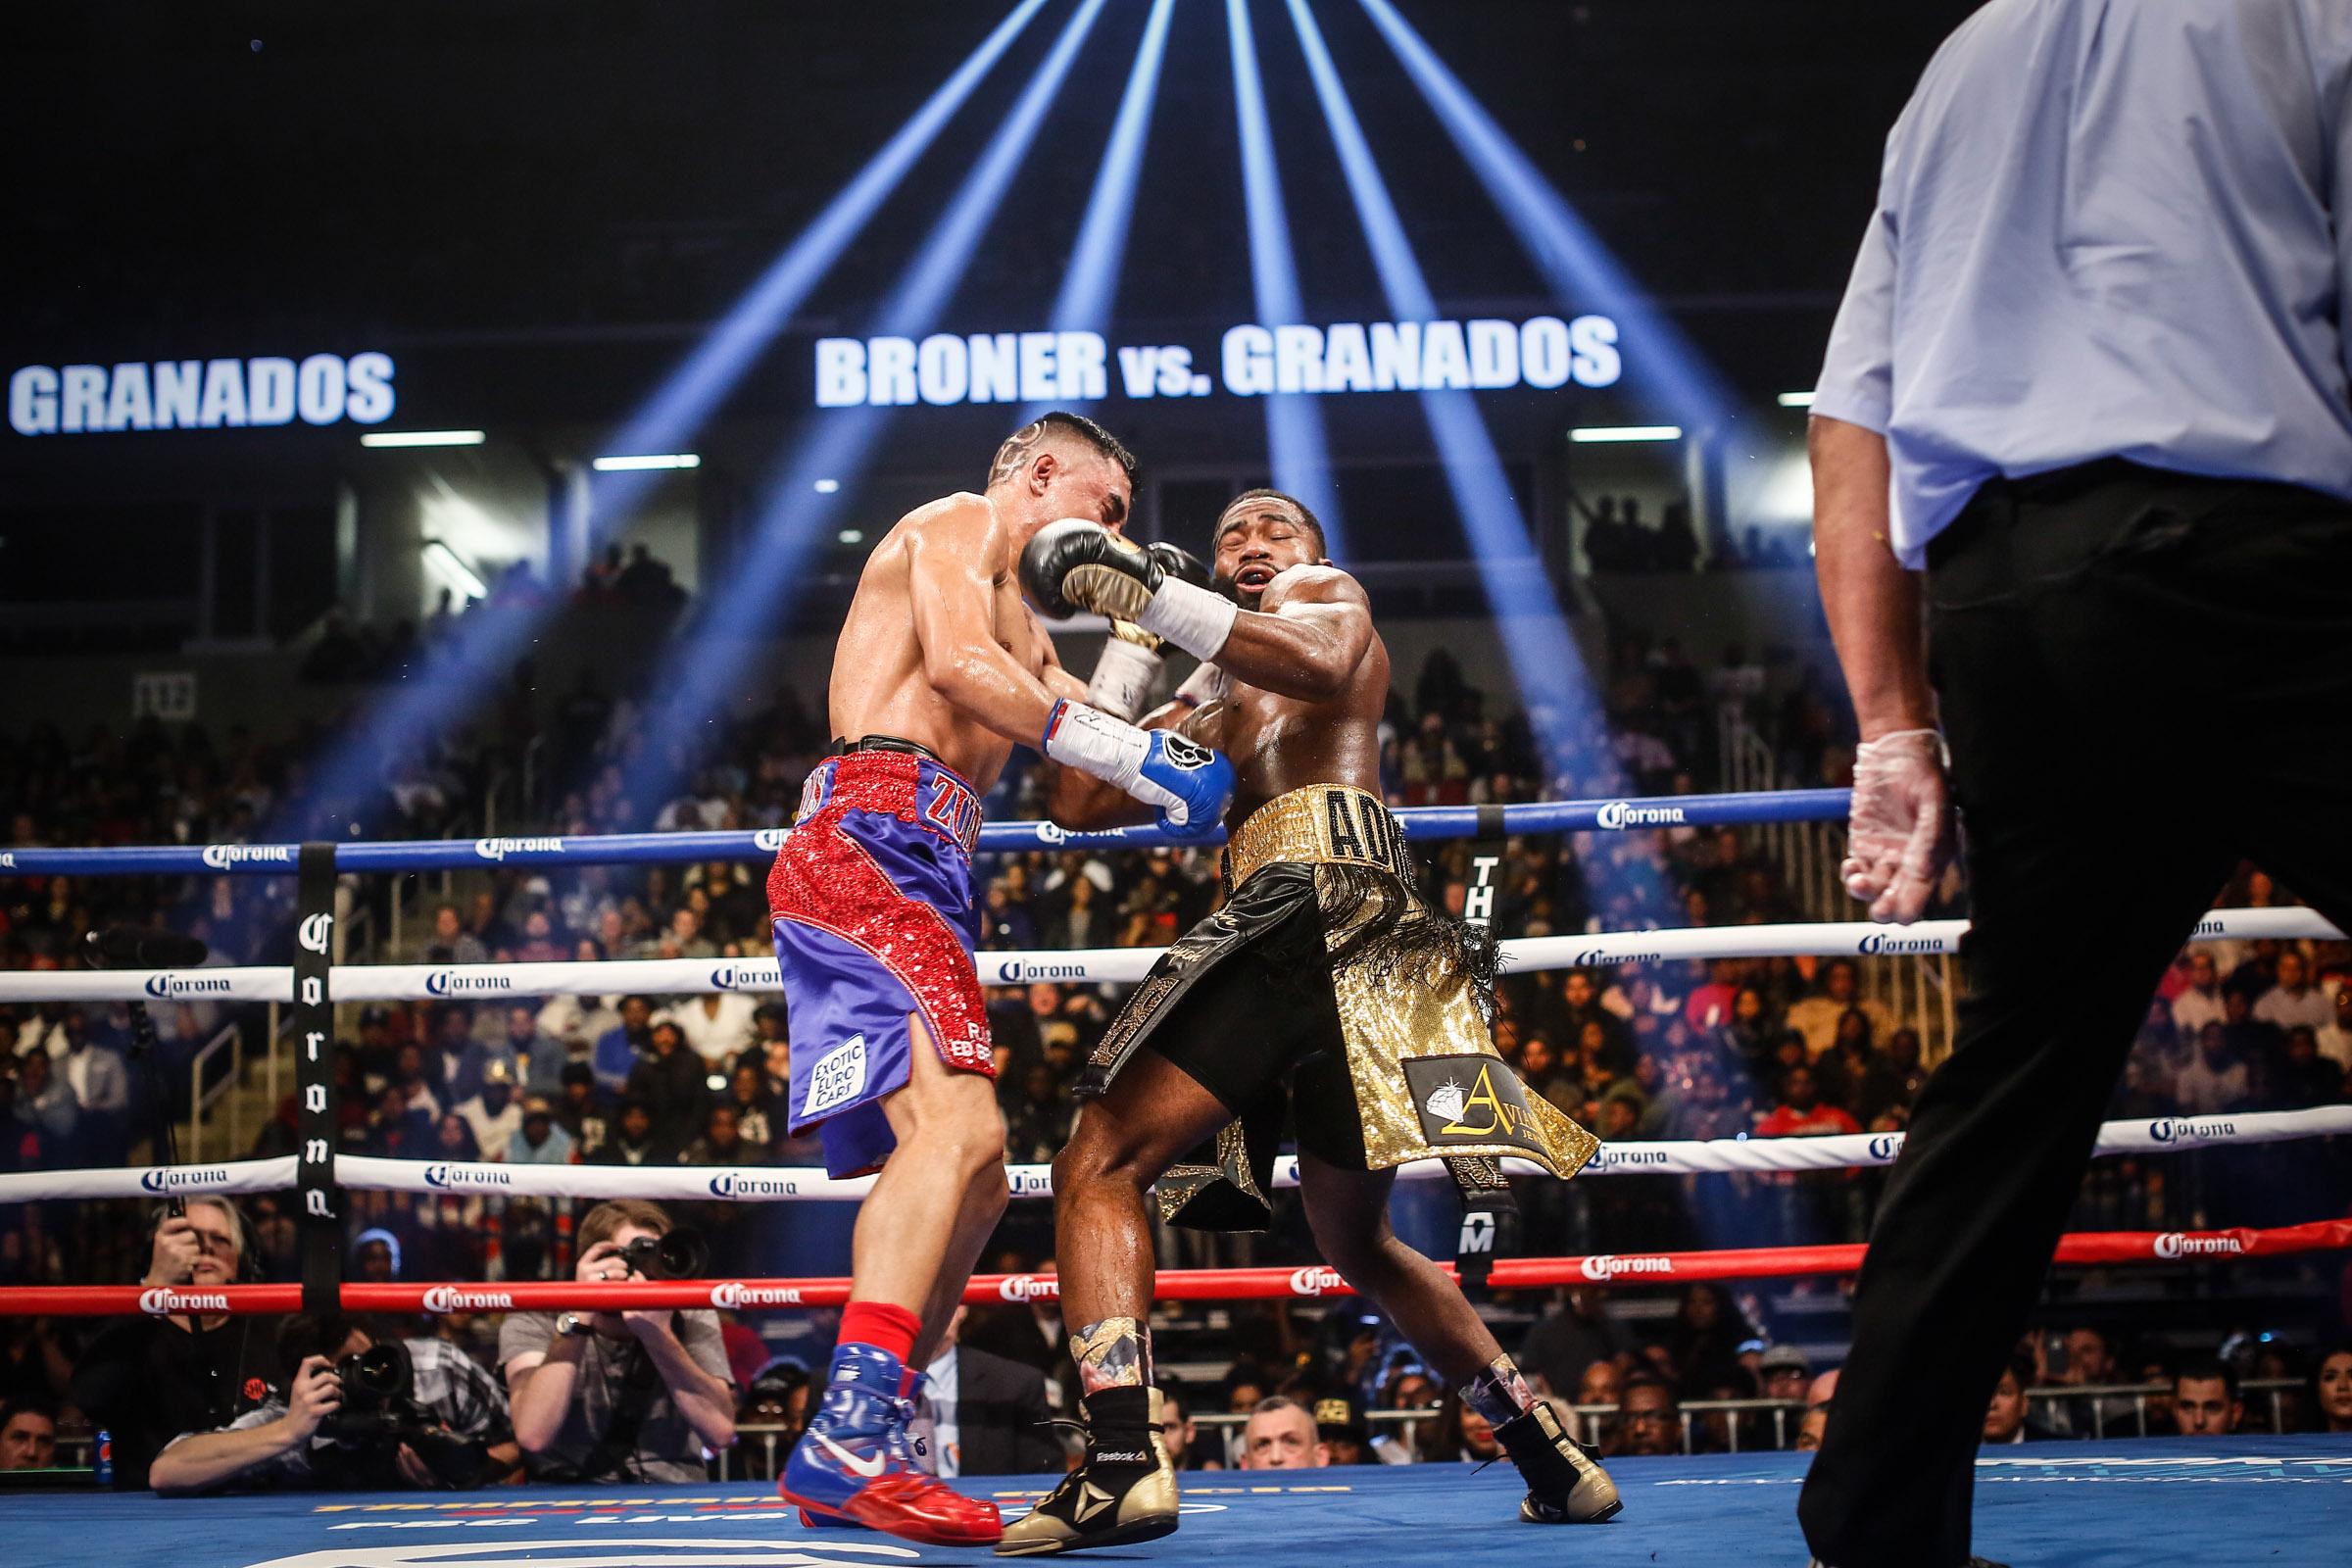 LR_SHO-FIGHT NIGHT-BRONER VS GRANADOS-02182017-9693